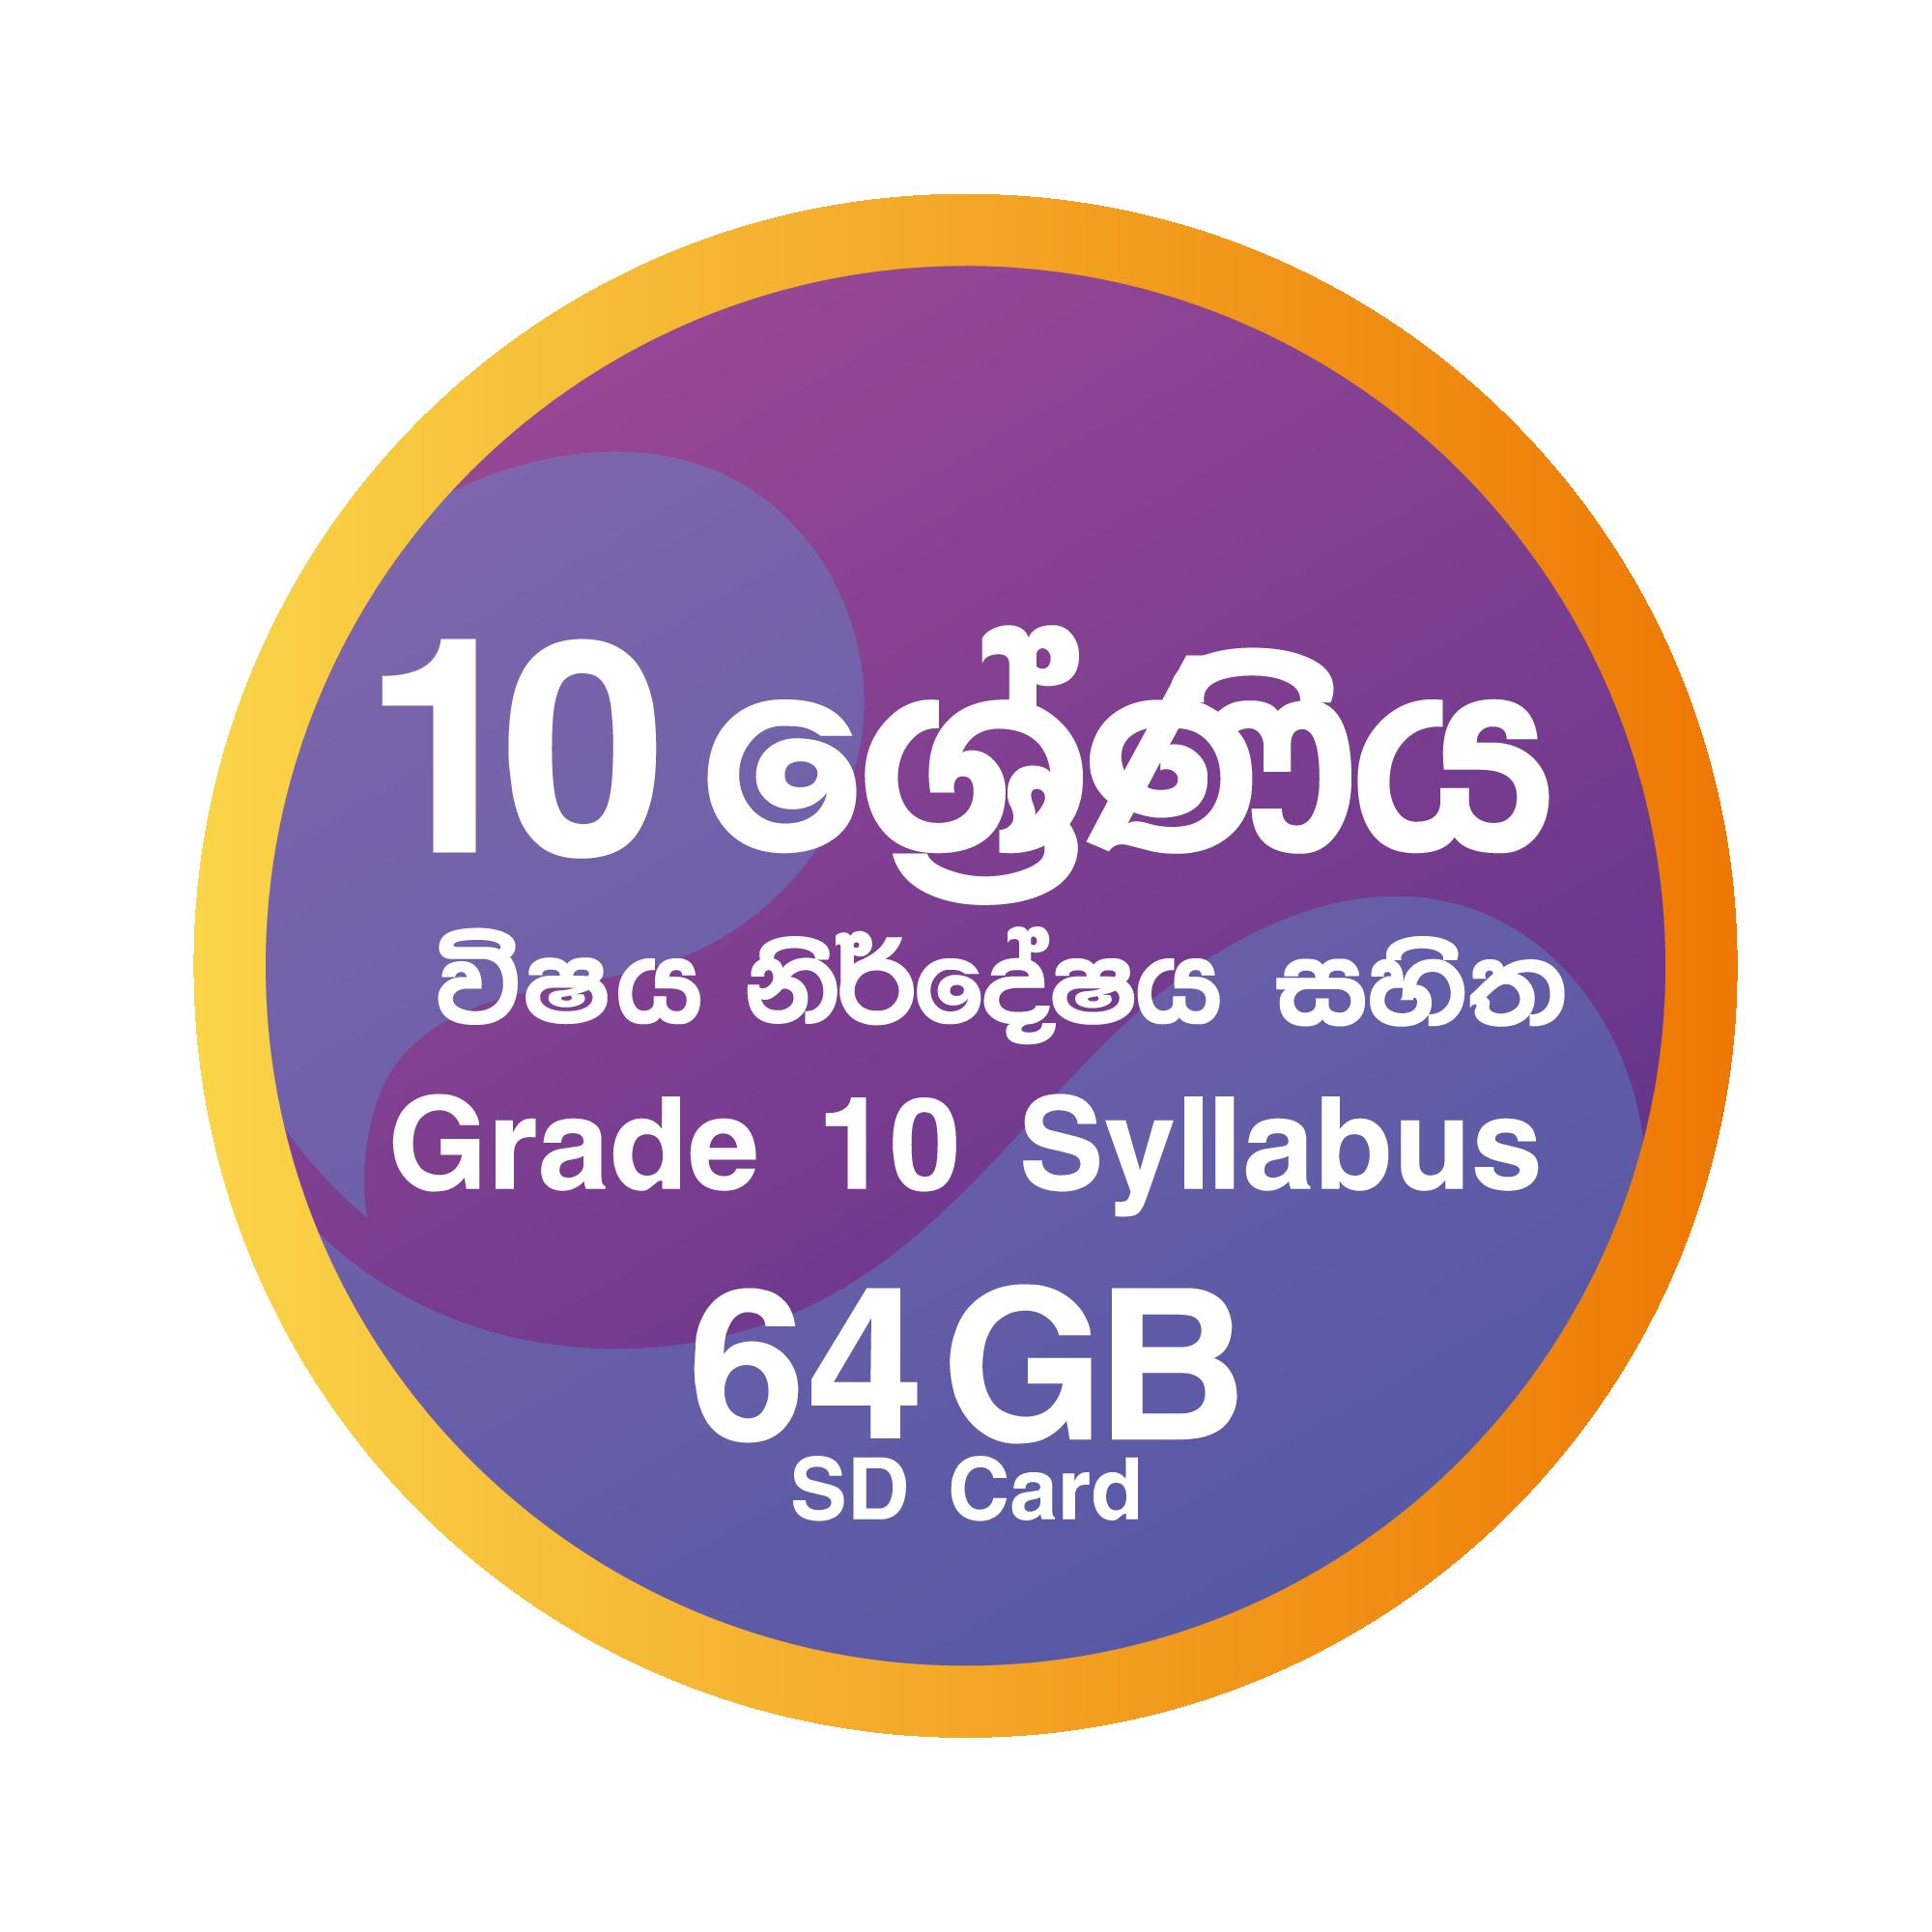 Grade 10 Syllabus